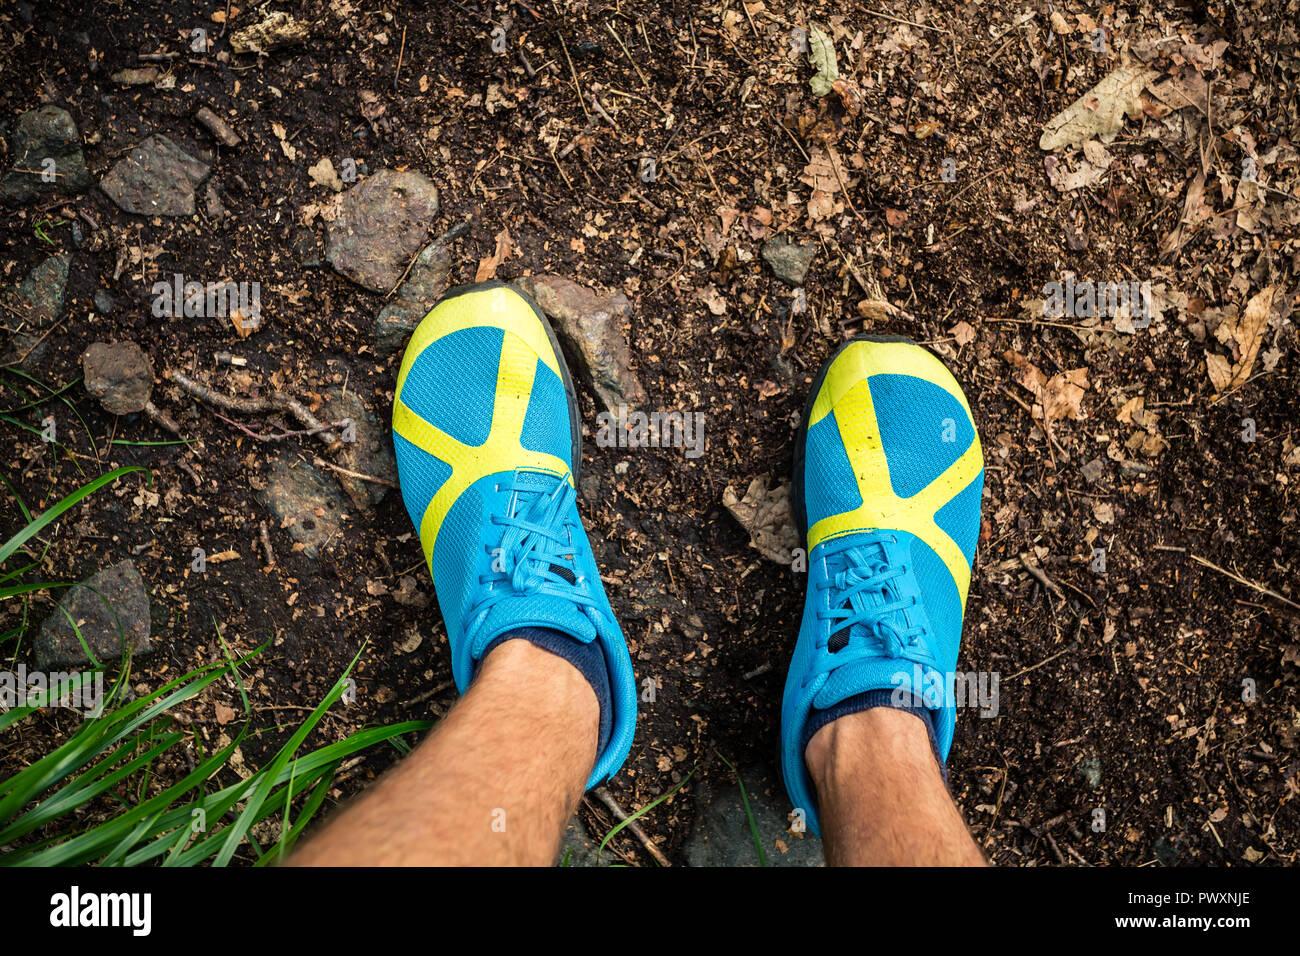 Trail Runner en regardant la chaussure de sport, l'exécution et de formation dans la nature. Man working out runner à l'extérieur dans la nature. Photo Stock